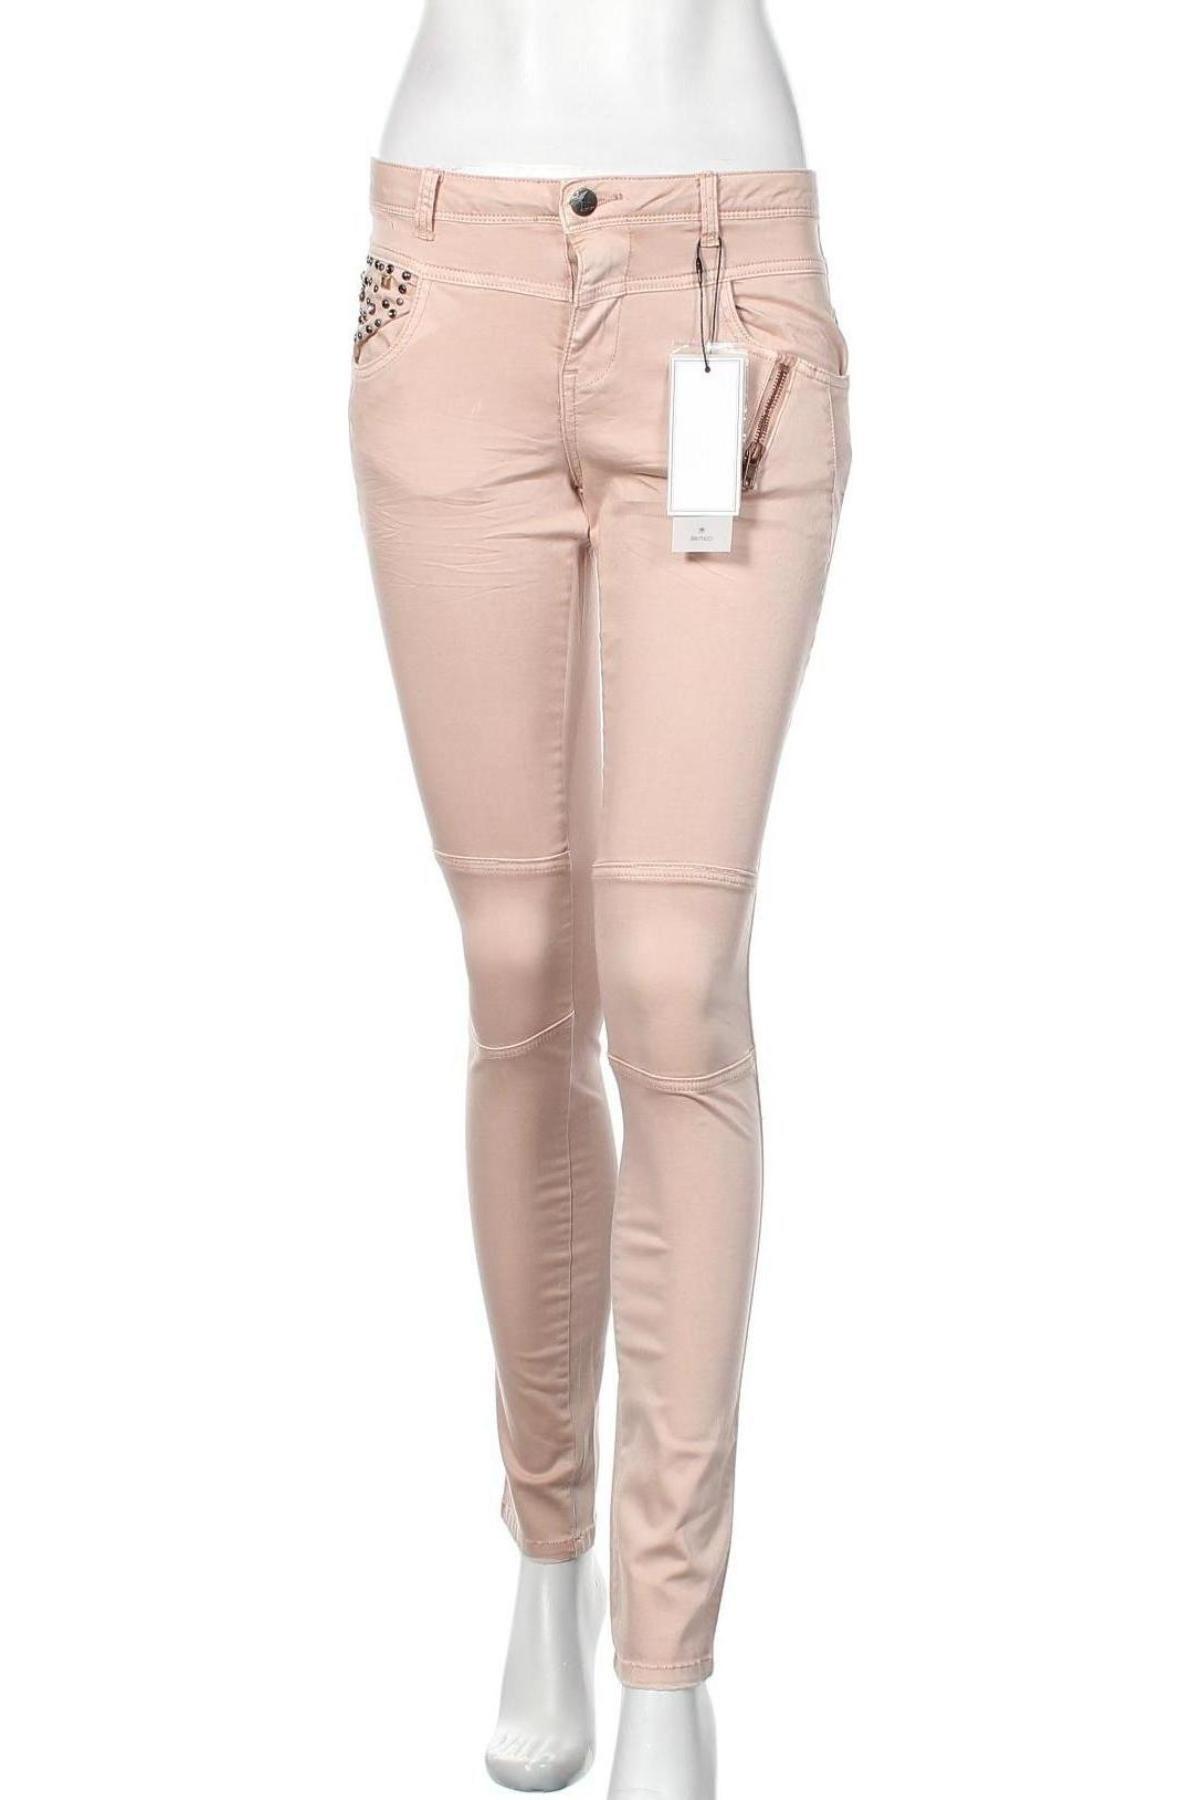 Дамски панталон Culture, Размер S, Цвят Розов, 98% памук, 2% еластан, Цена 23,80лв.